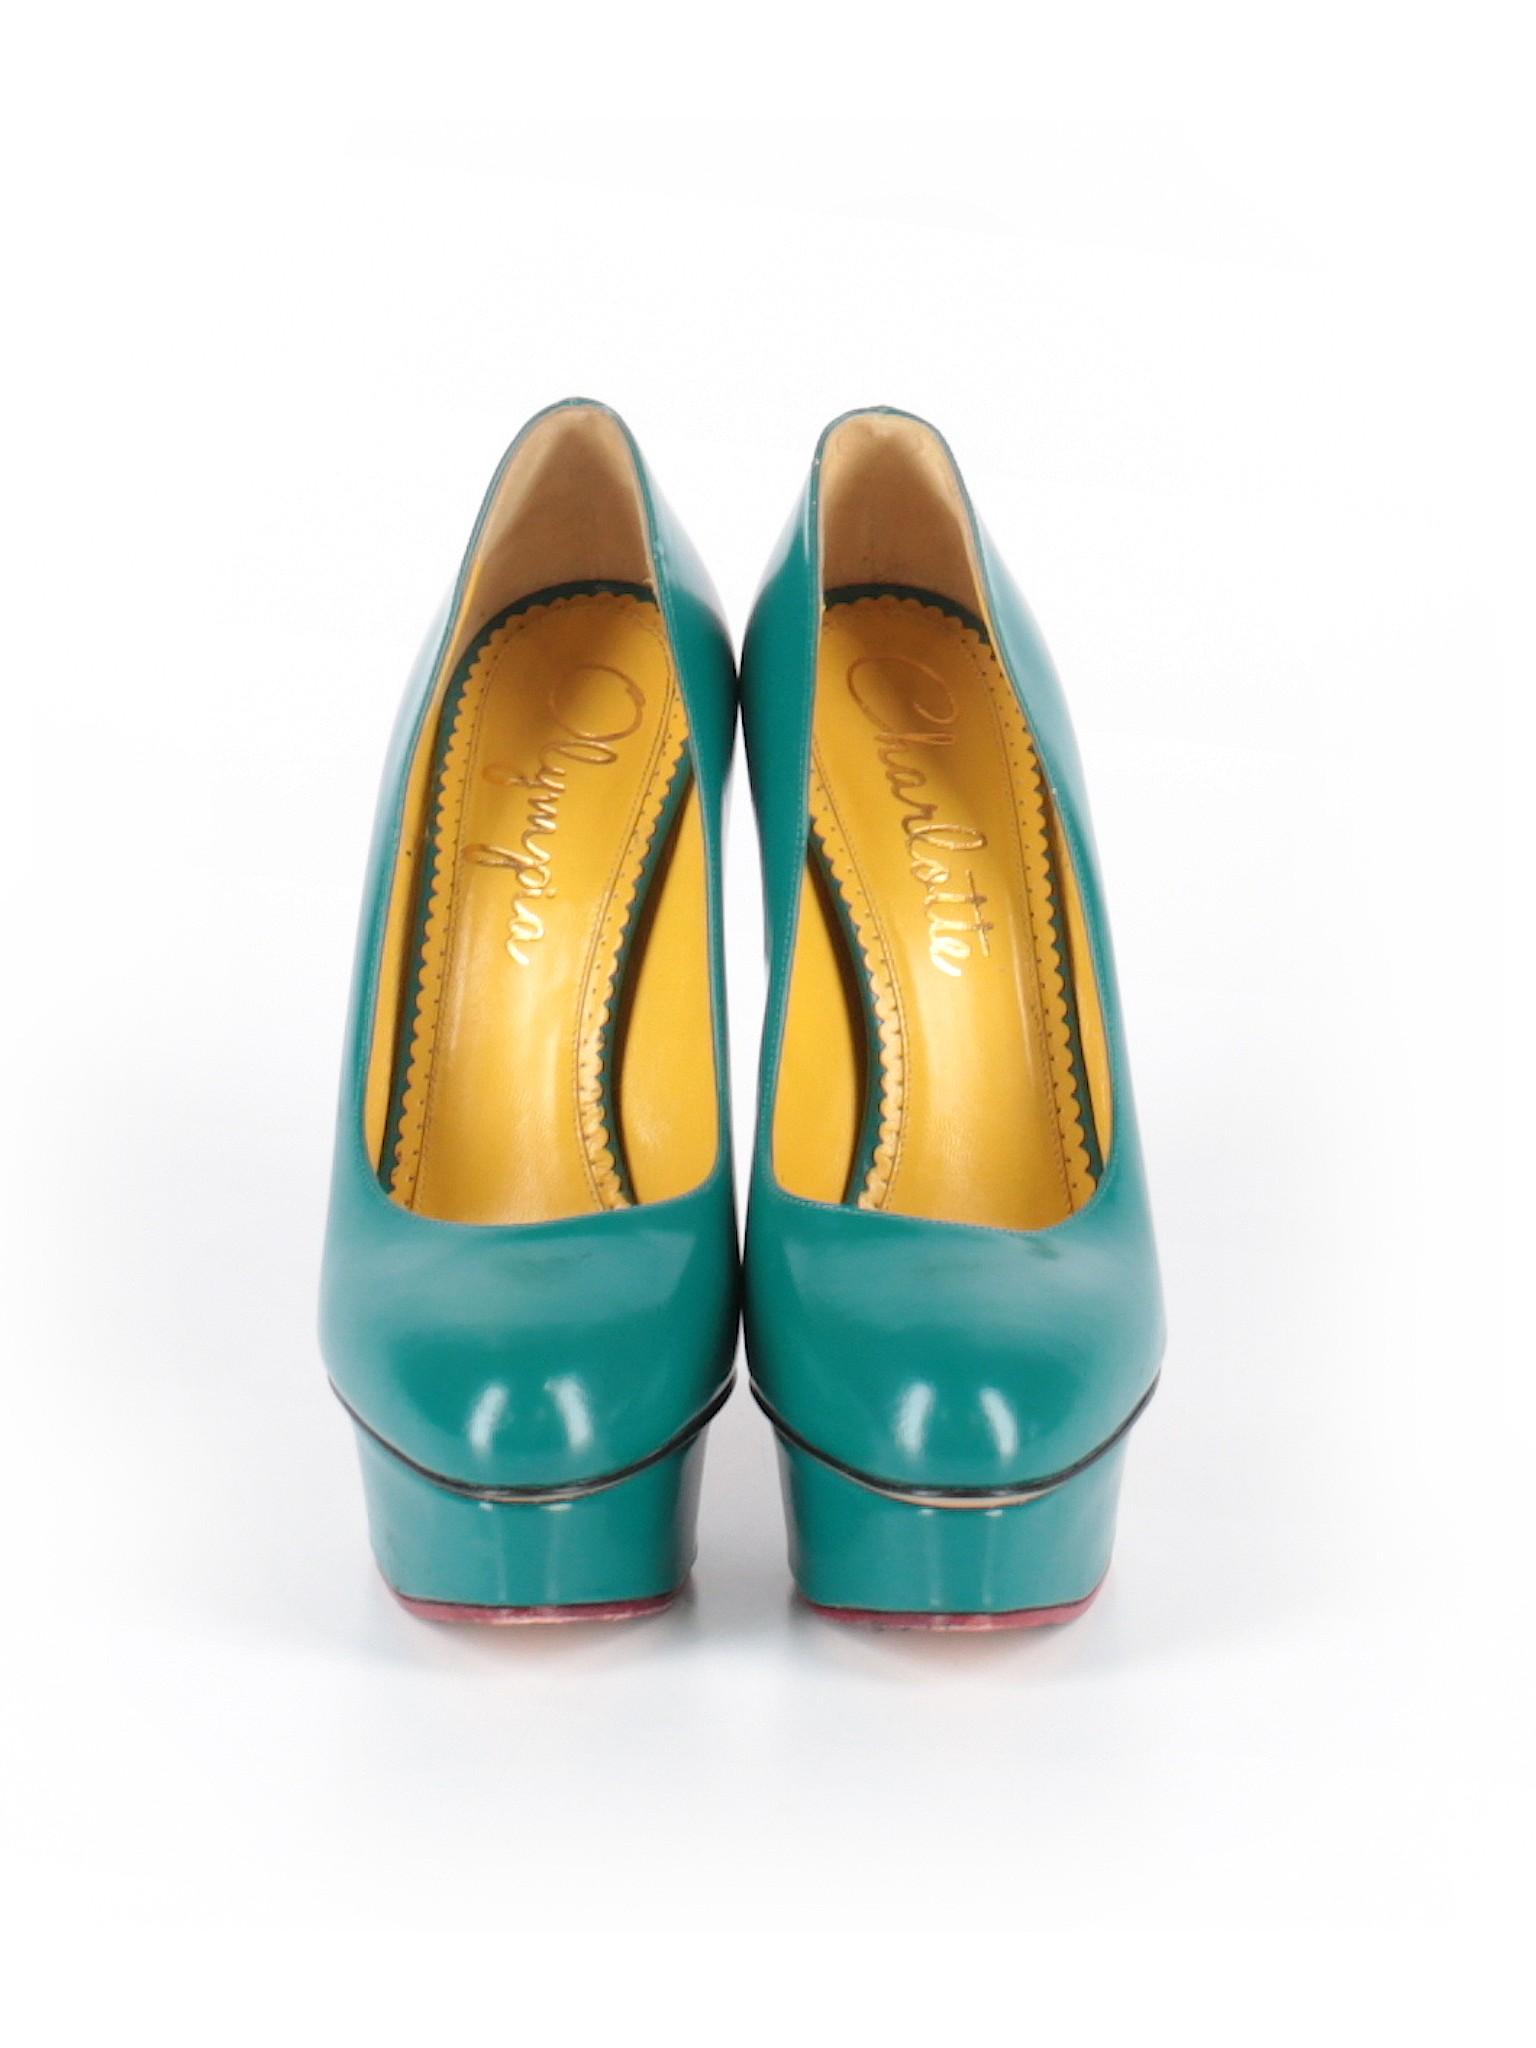 Boutique Boutique Heels promotion promotion Olympia 5P6nTWTz